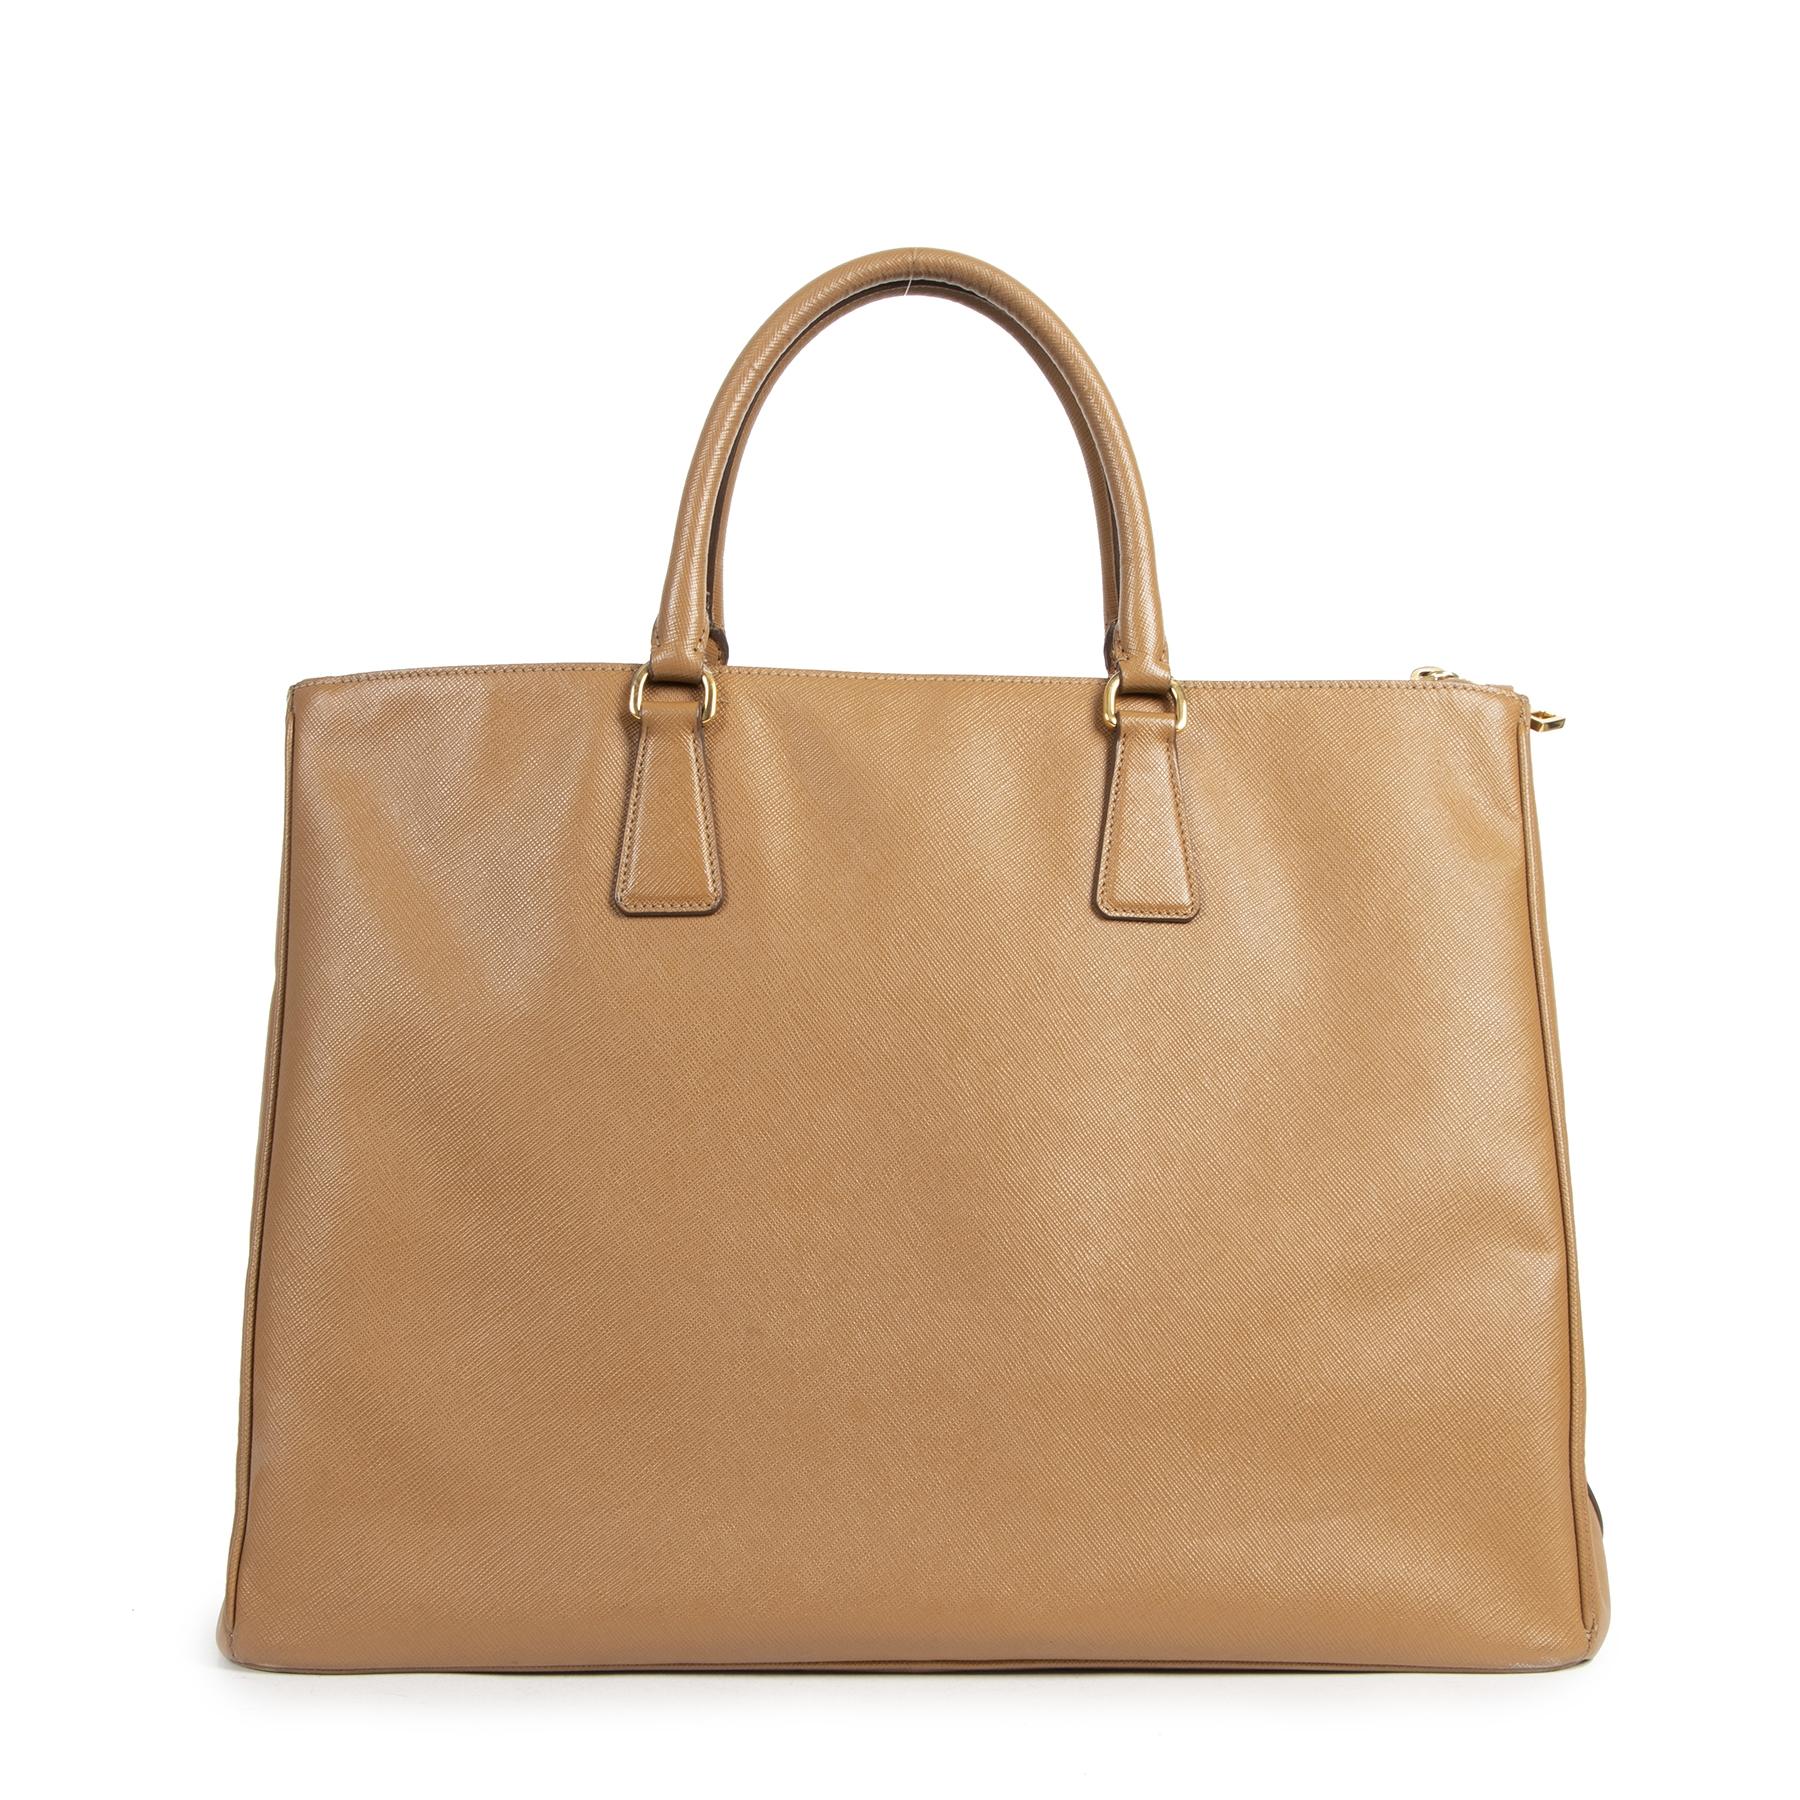 Koop authentieke tweedehands Prada tassen met de juiste prijs bij LabelLOV.